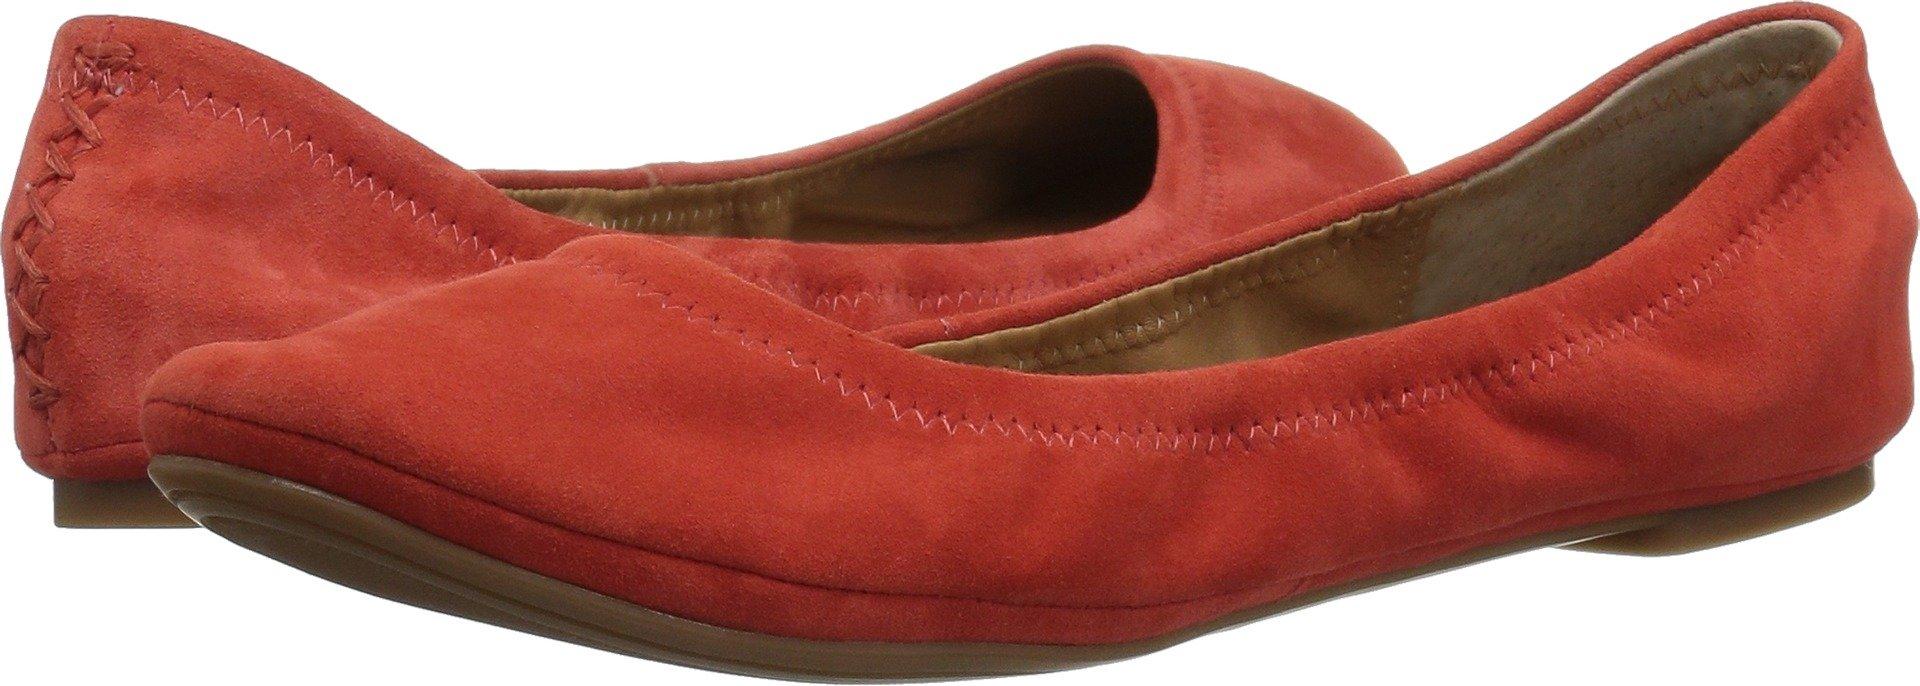 Lucky Brand Women's Emmie Ballet Flat, Aurora Red, 8.5 Medium US